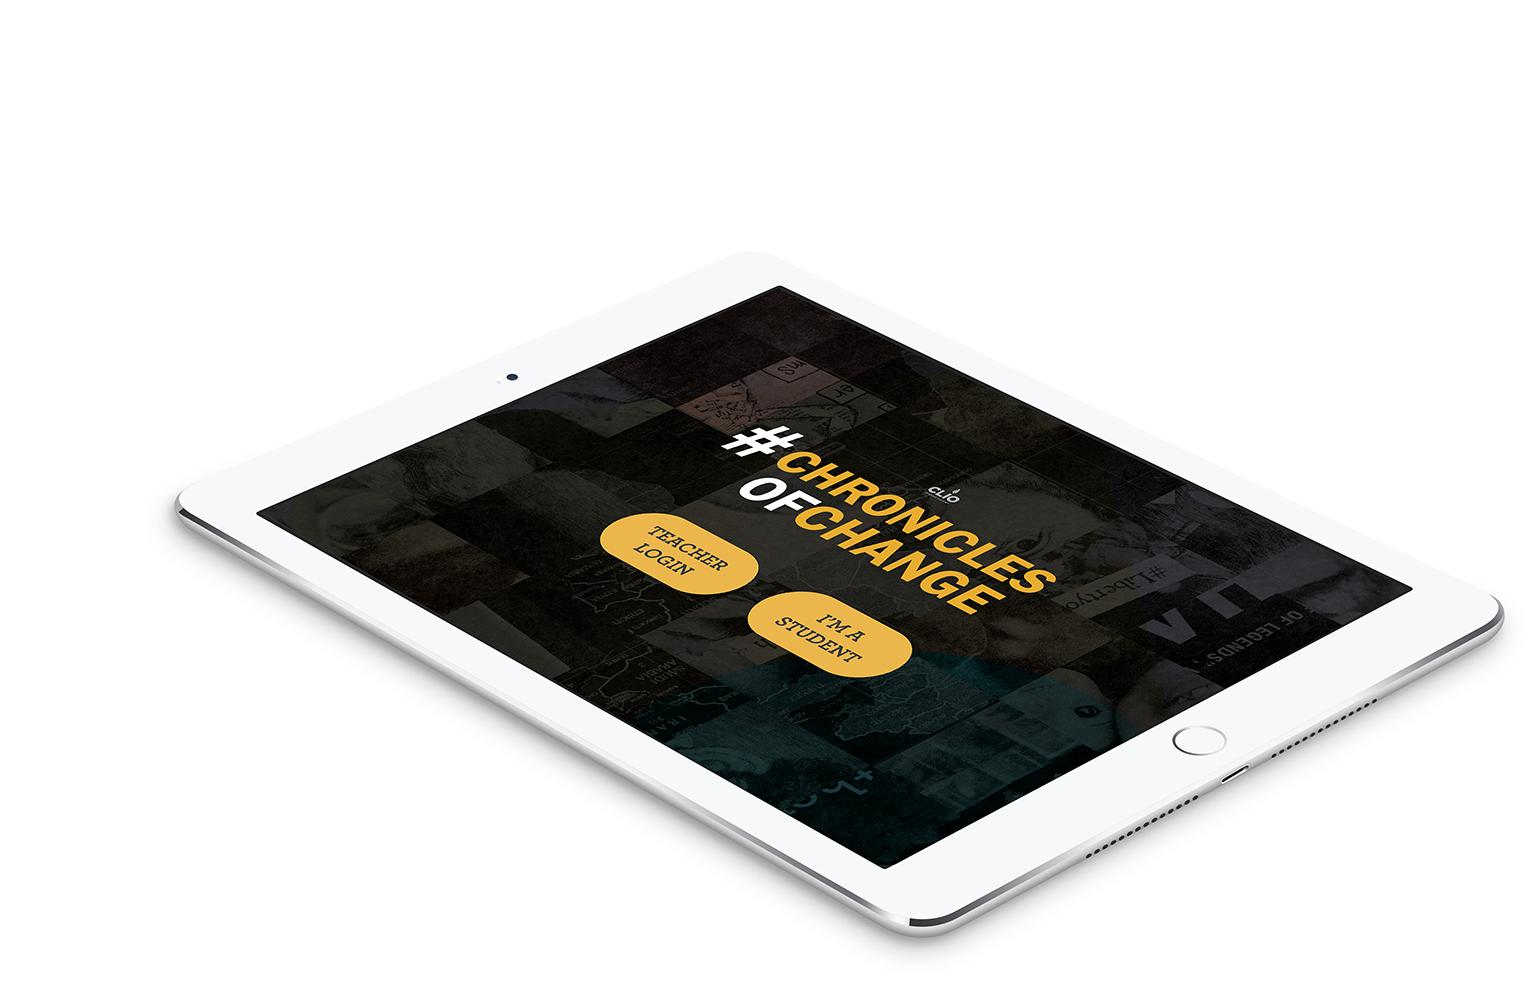 iPad3 copy